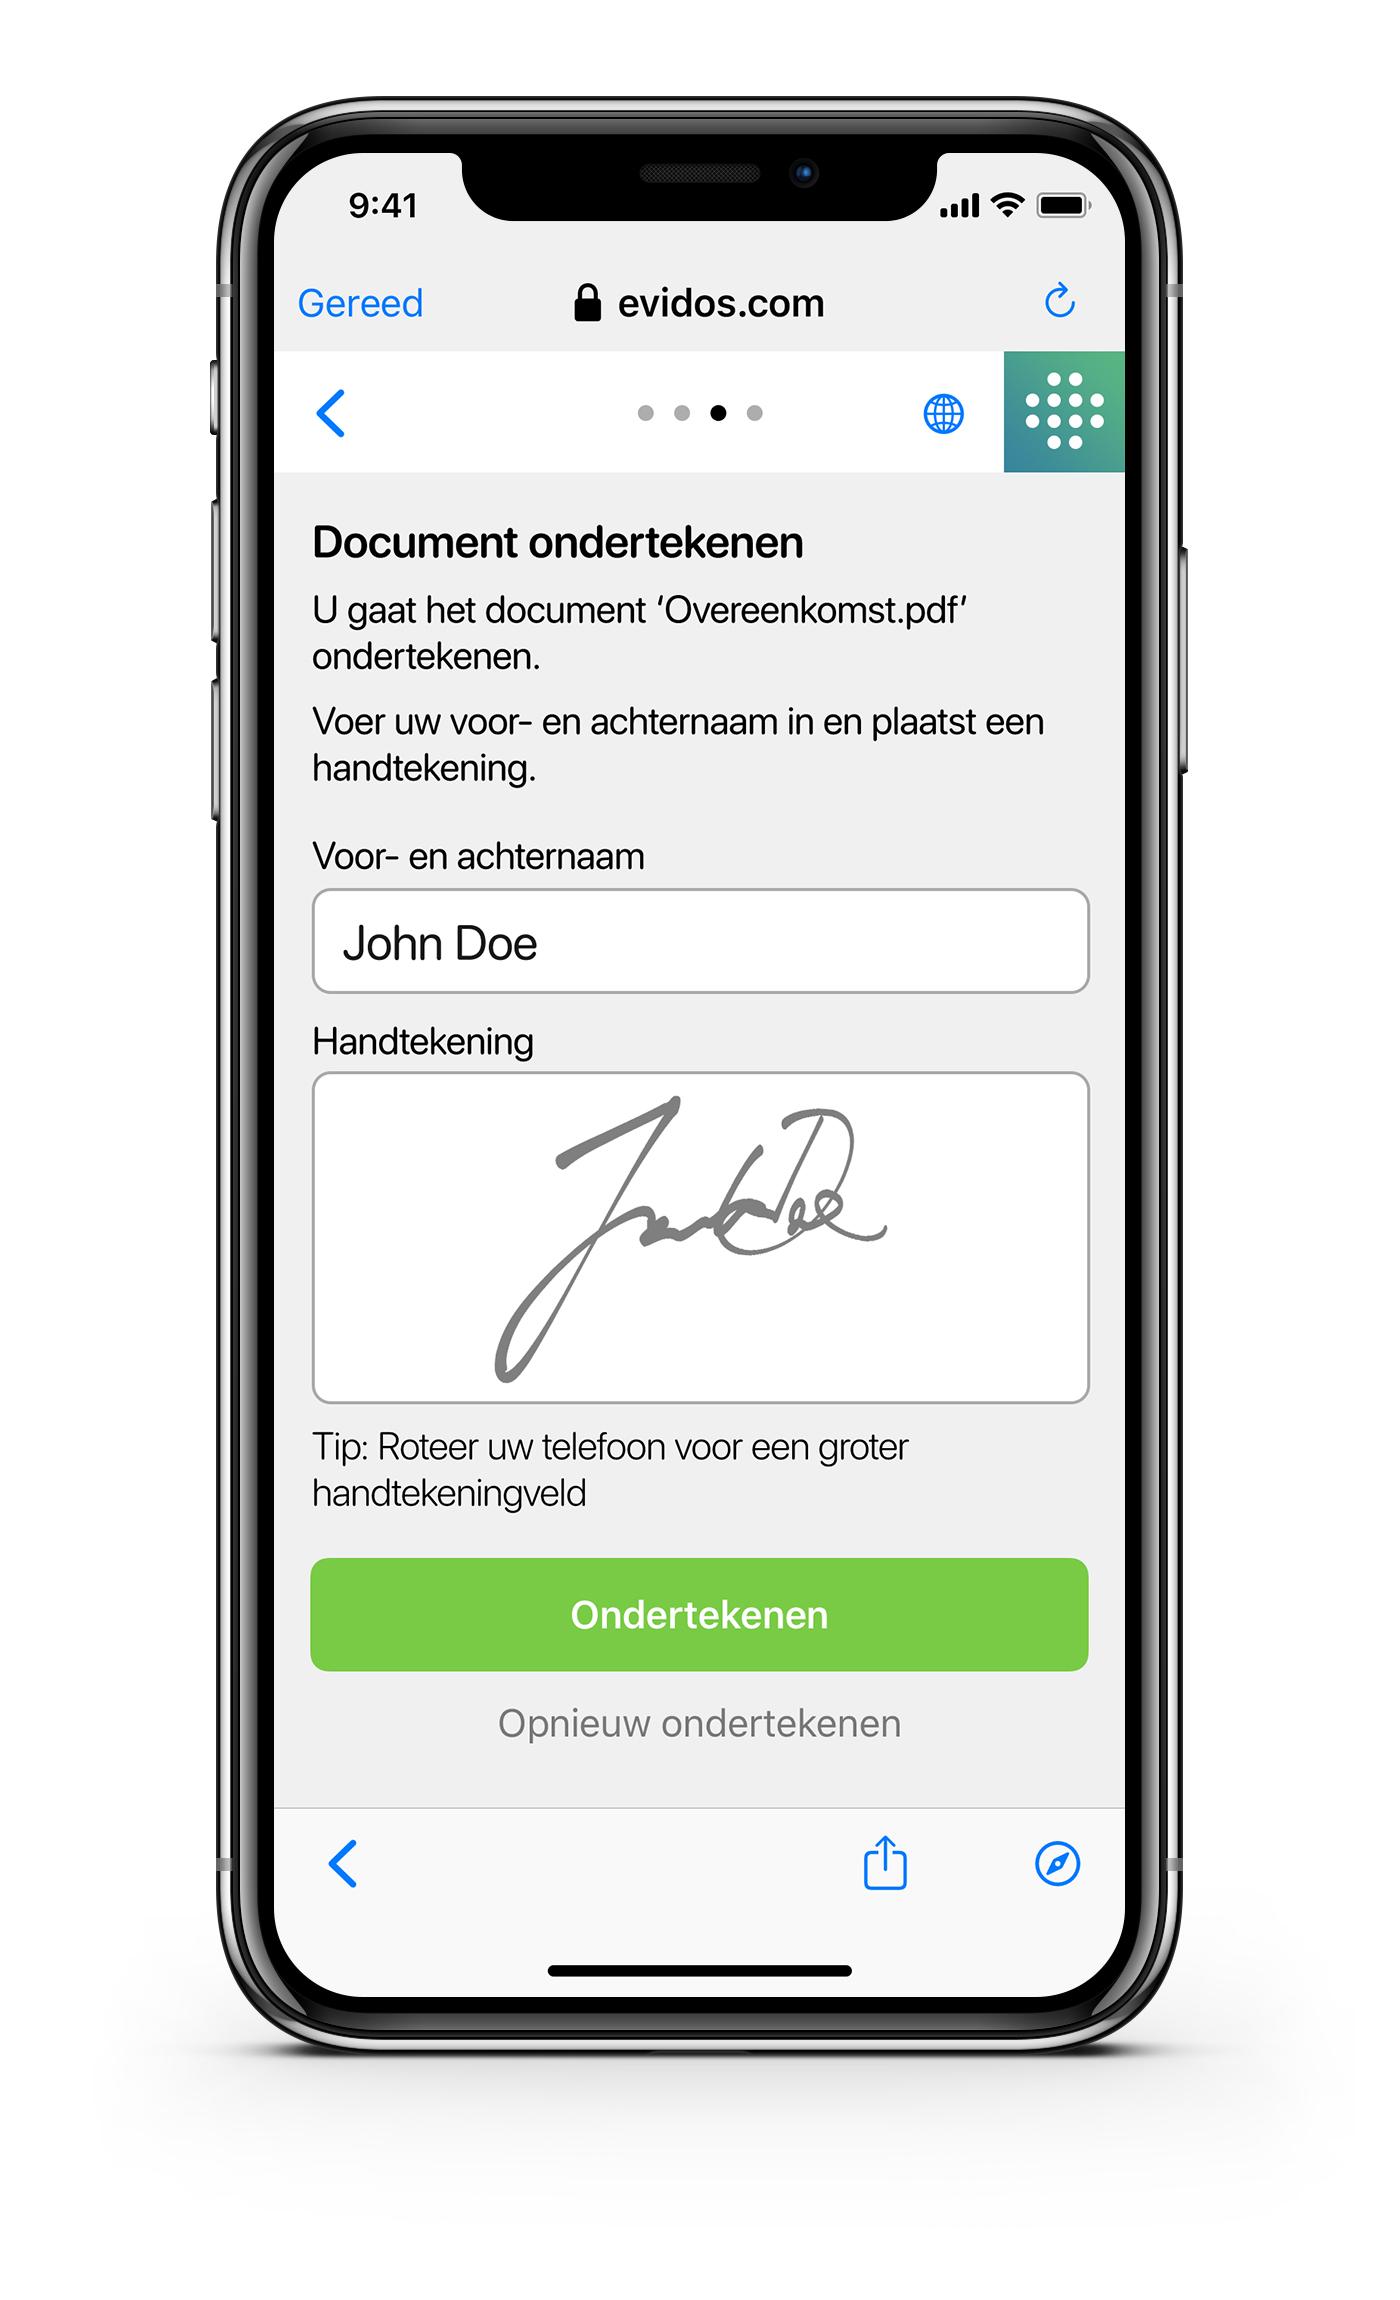 Ondertekenen - NL -Document ondertekenen